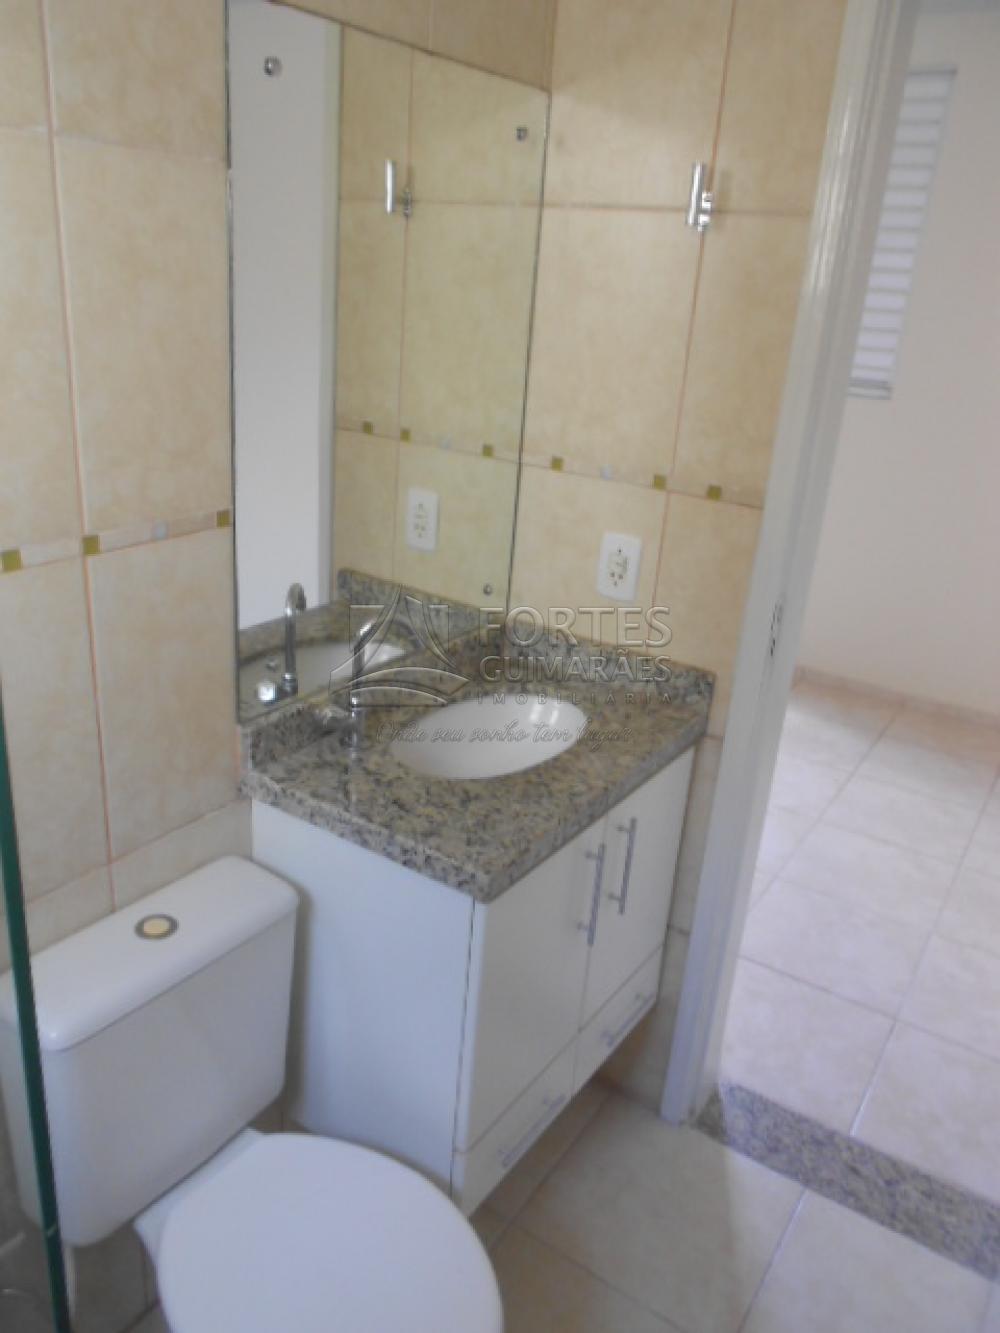 Alugar Apartamentos / Padrão em Ribeirão Preto apenas R$ 1.100,00 - Foto 25